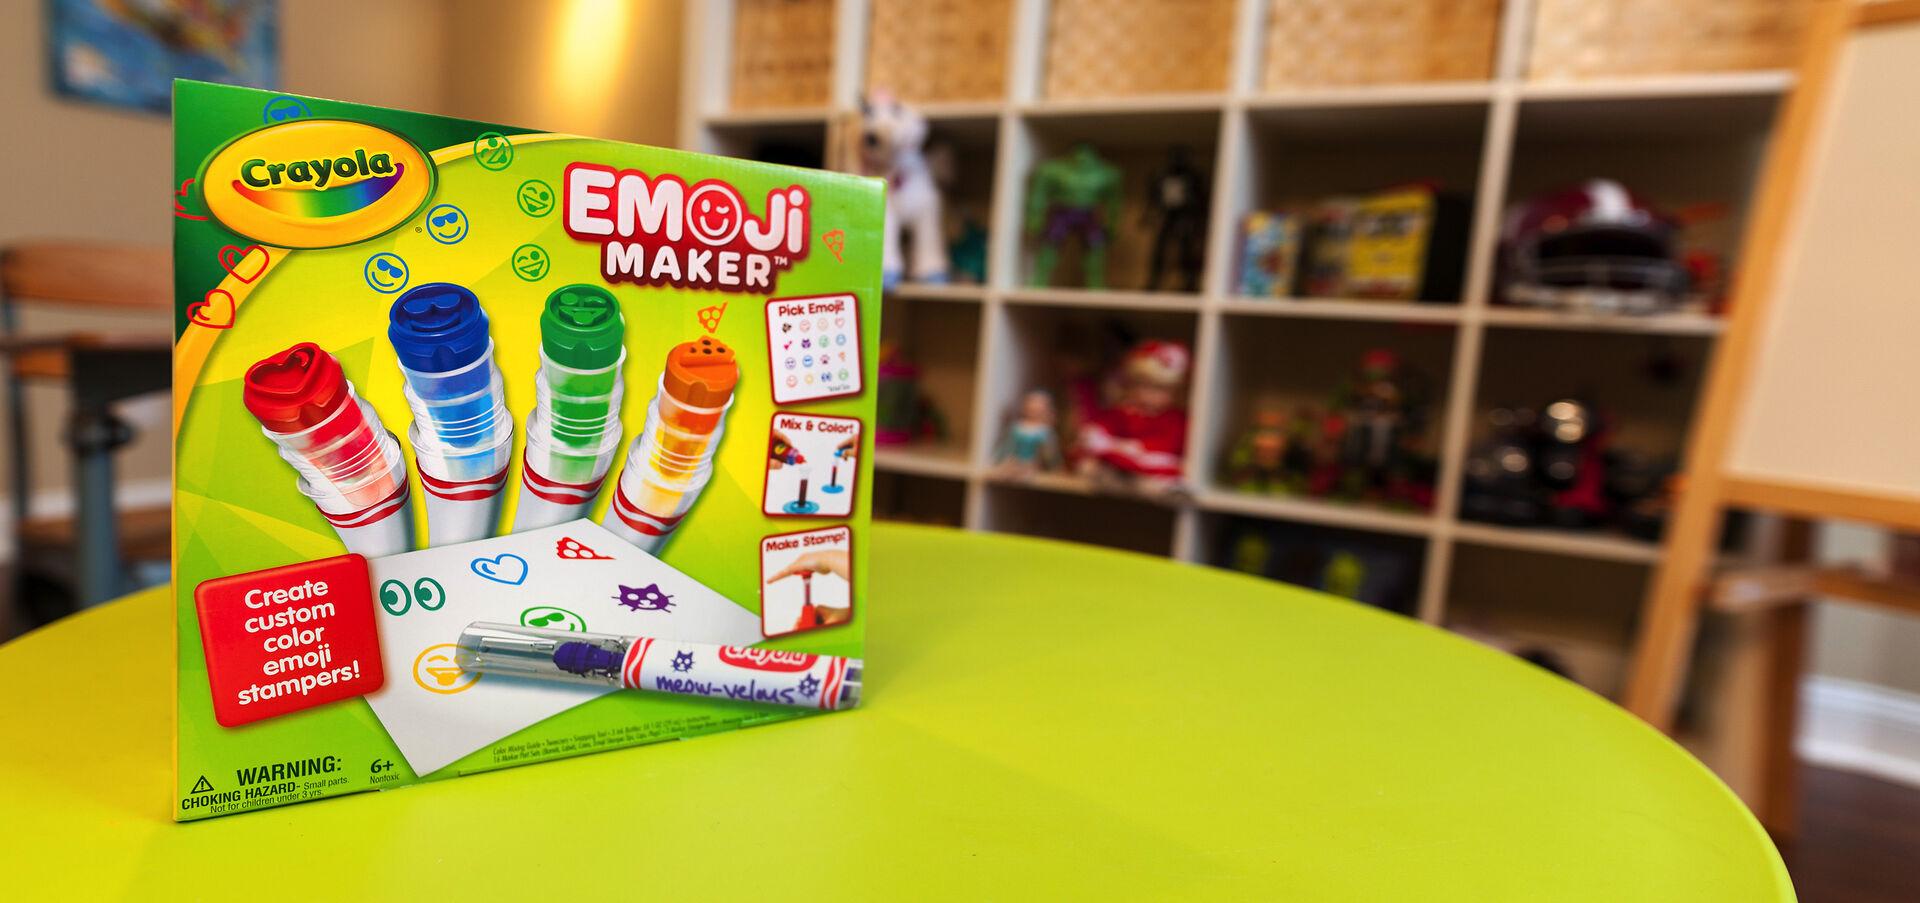 Emoji Marker Maker